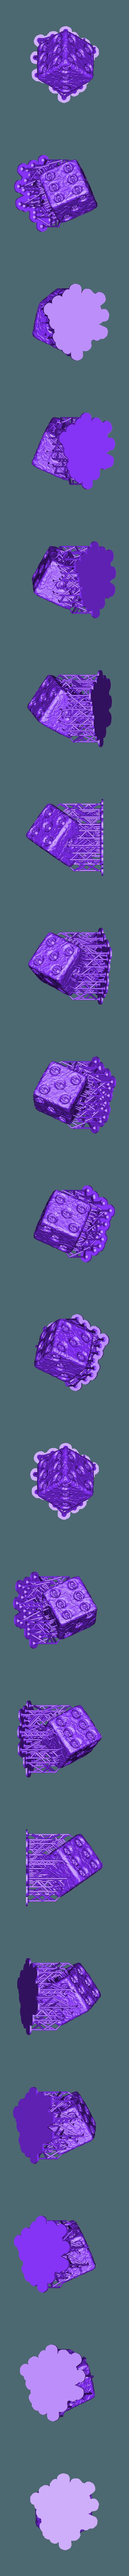 Skull_Dice__Supp.stl Télécharger fichier STL gratuit Dé de crâne • Design imprimable en 3D, BODY3D